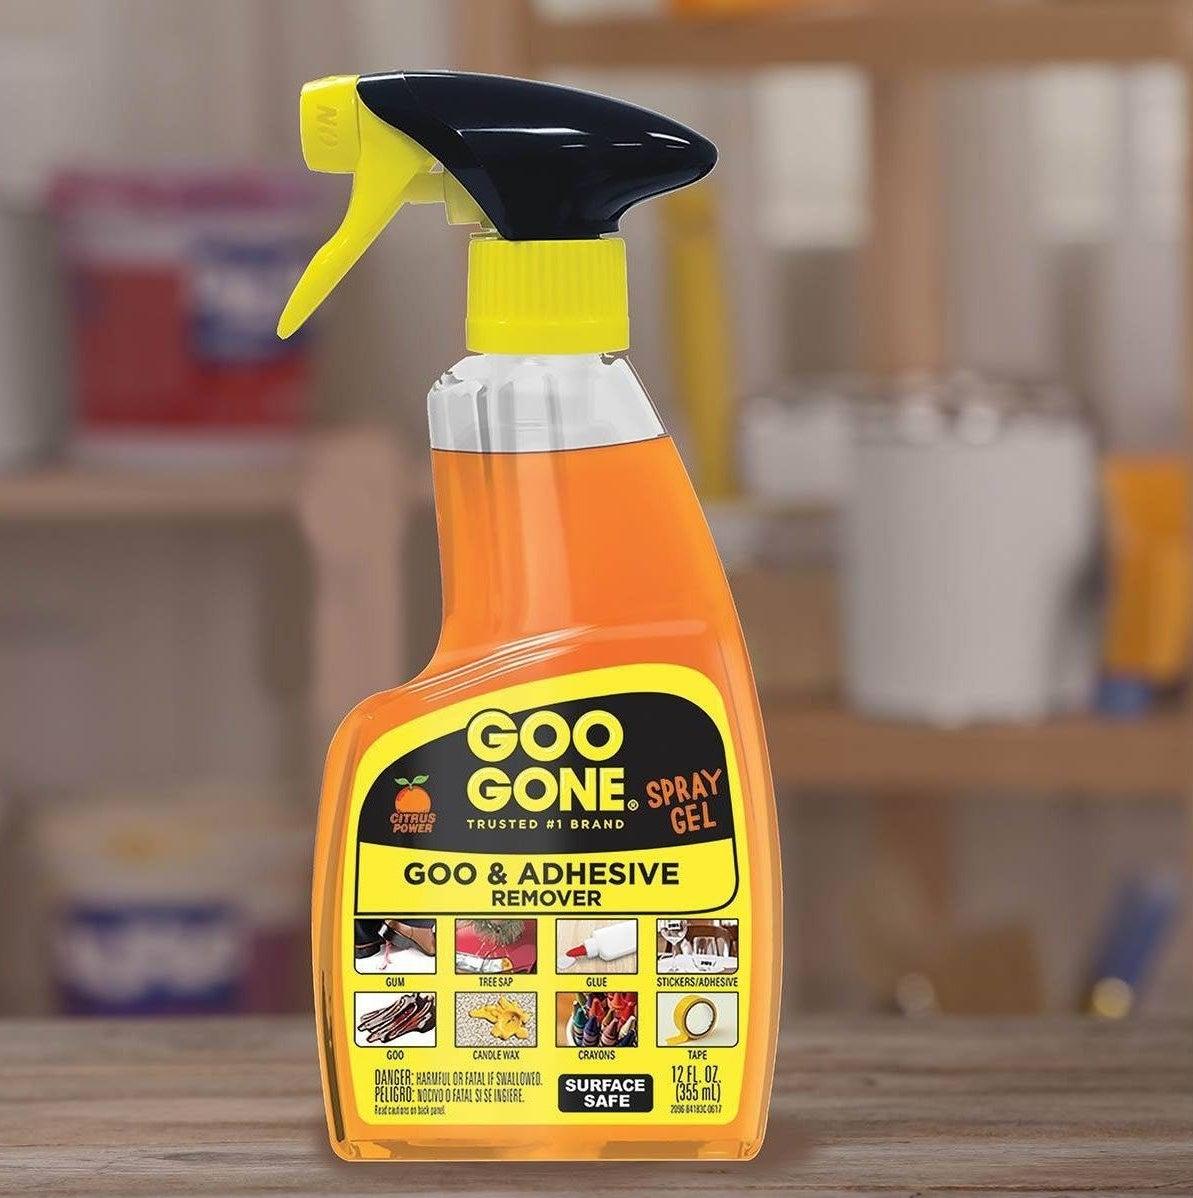 The Goo Gone spray bottle